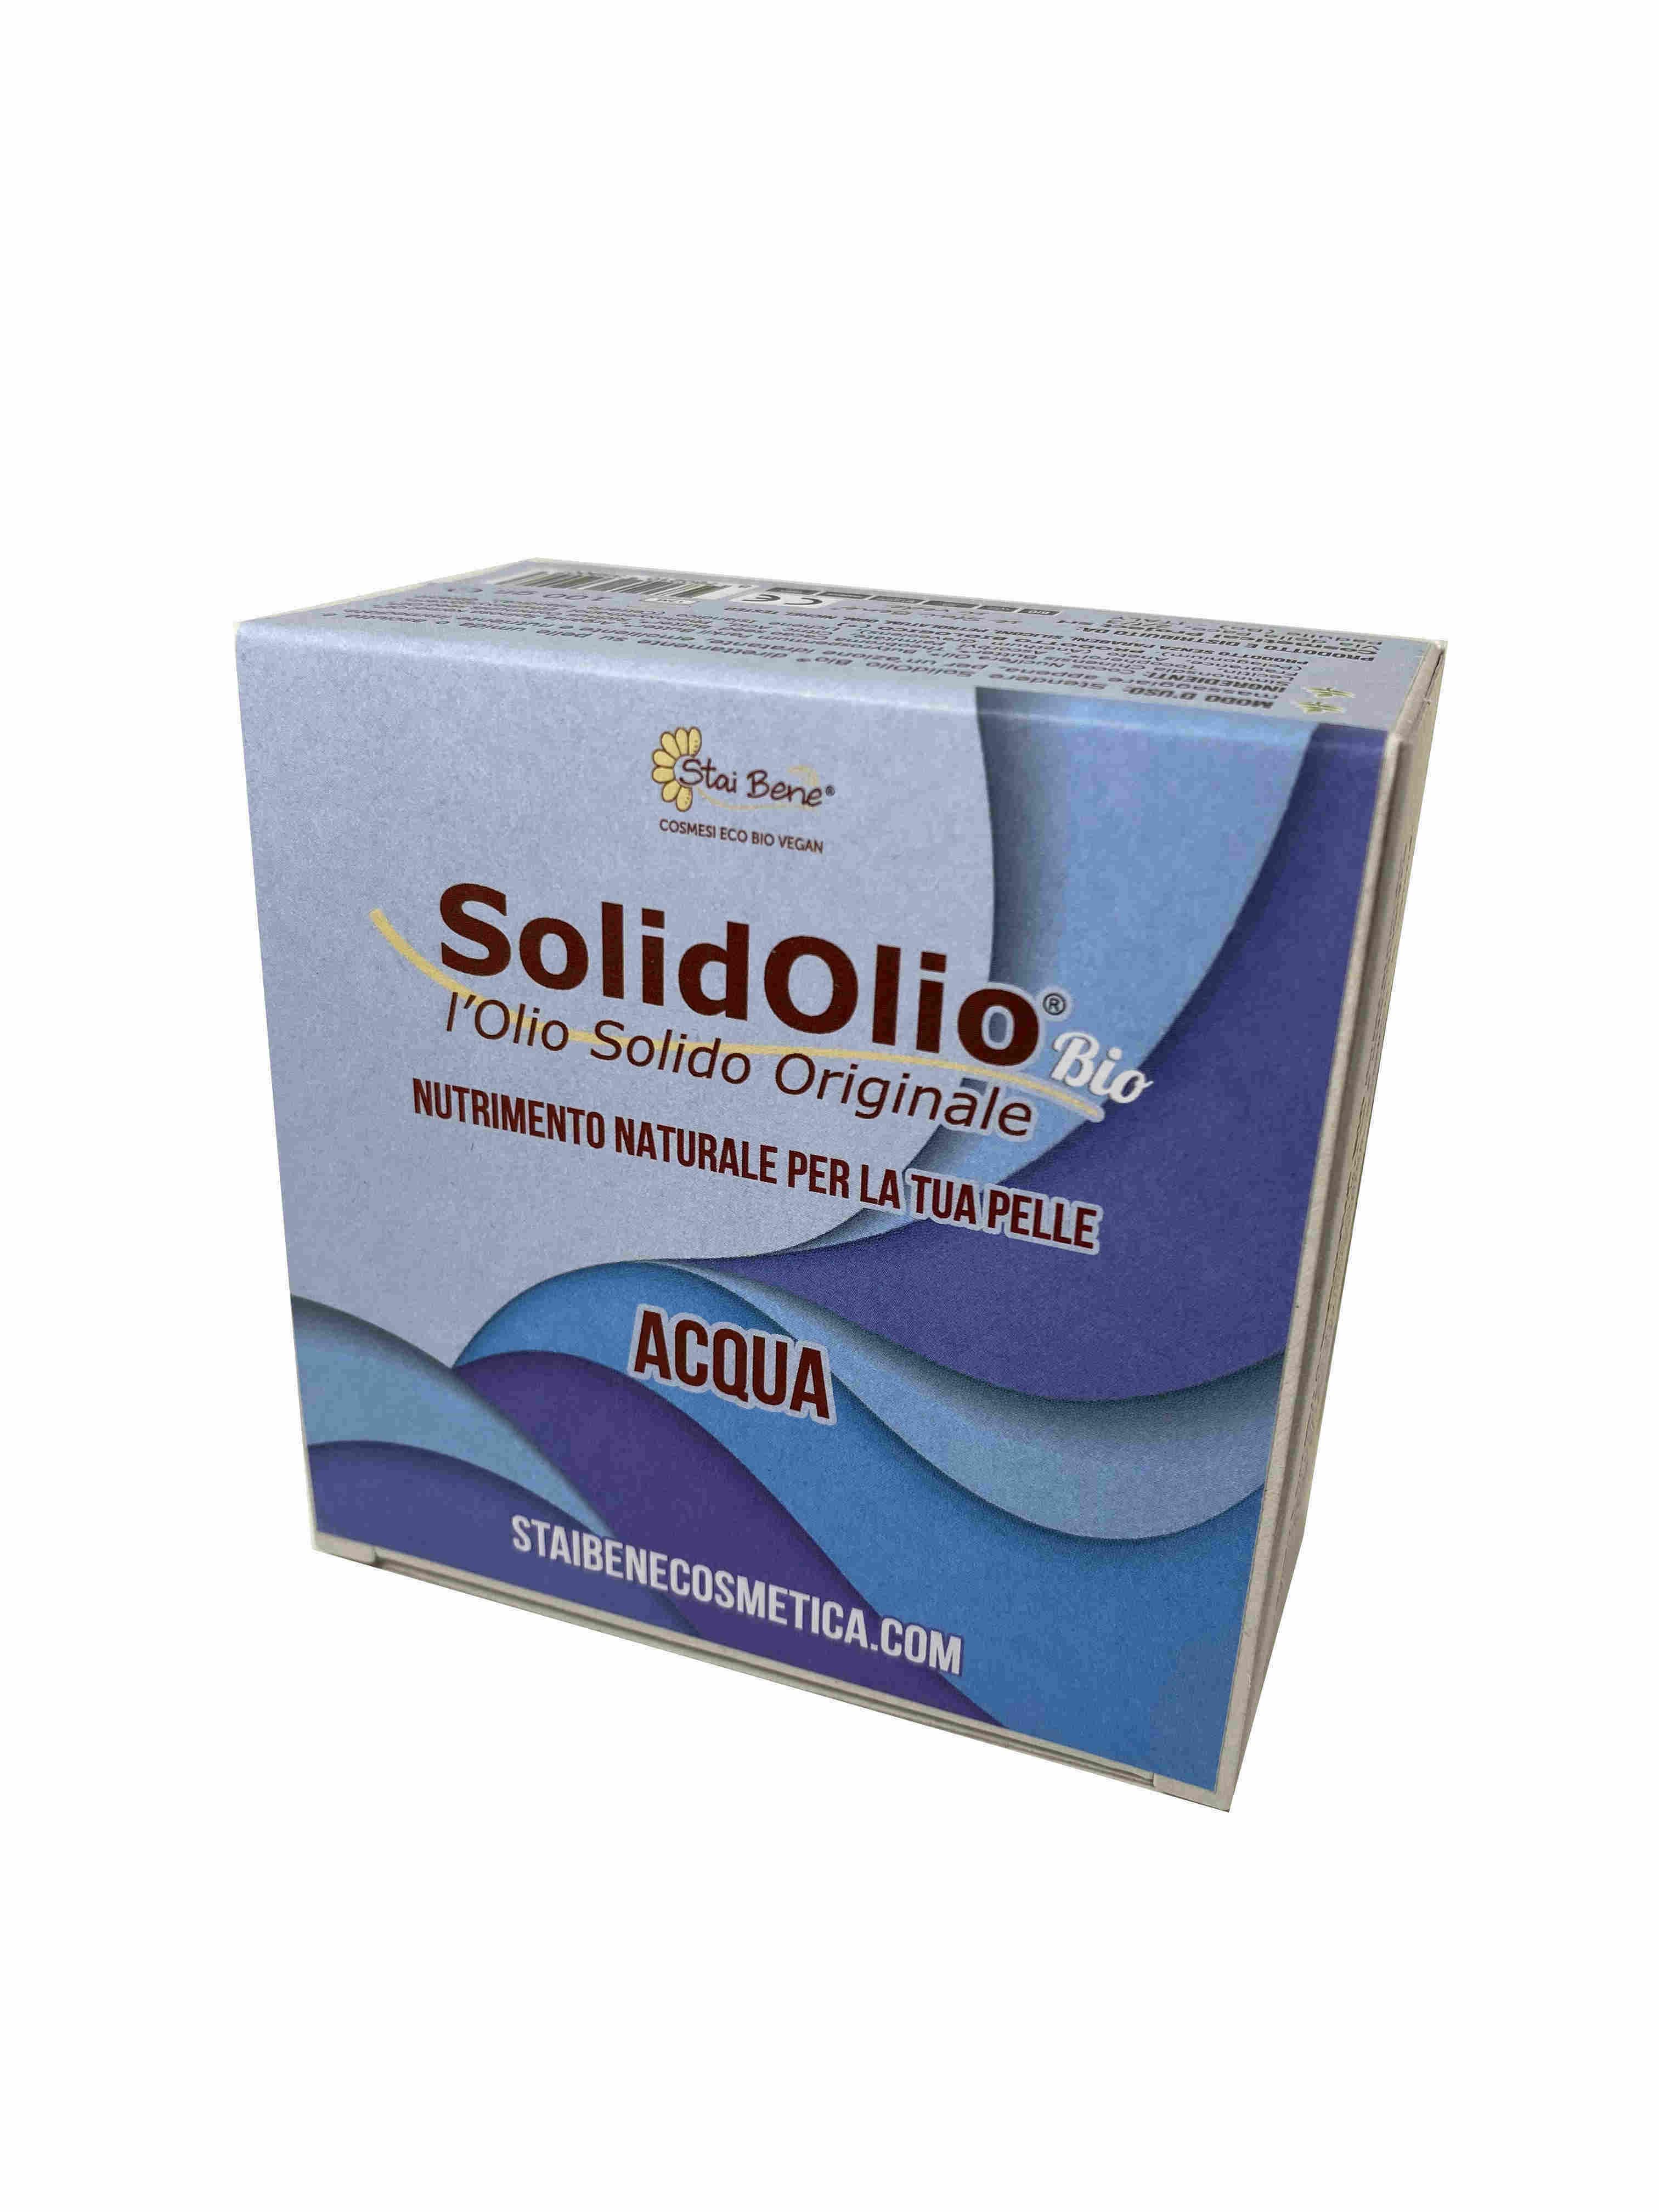 Solidolio Acqua